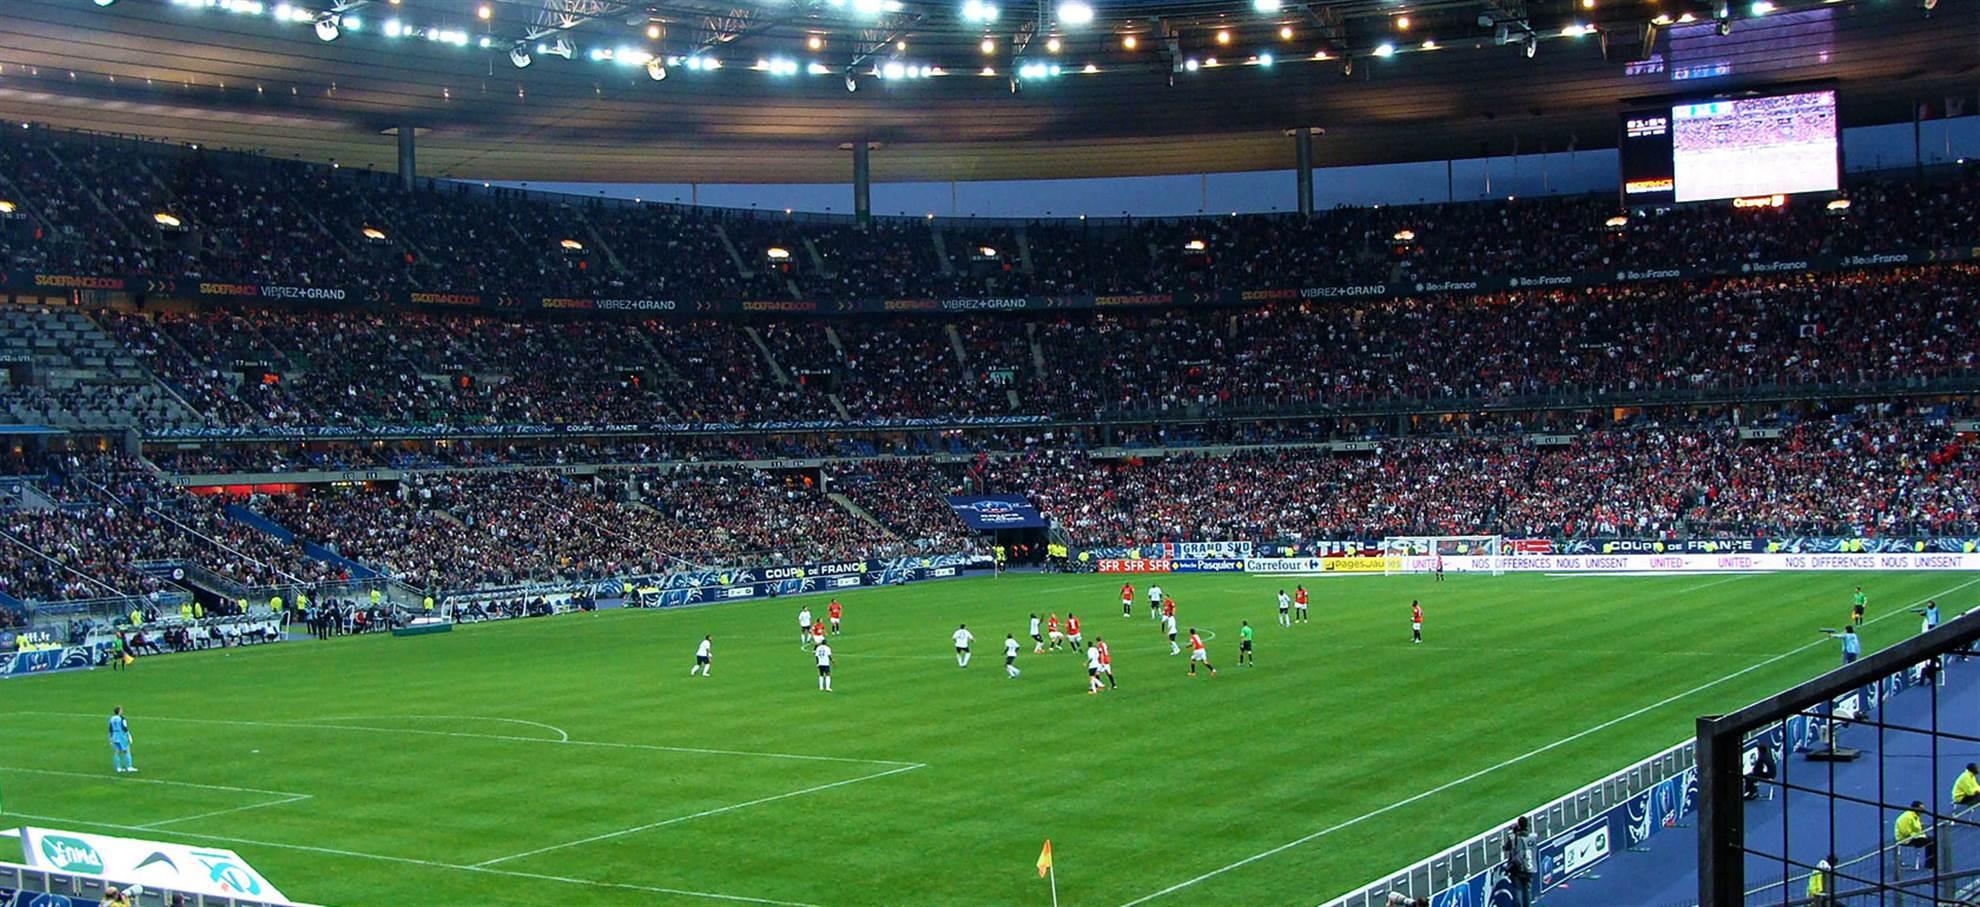 Экскурсия на стадион Стад де Франс